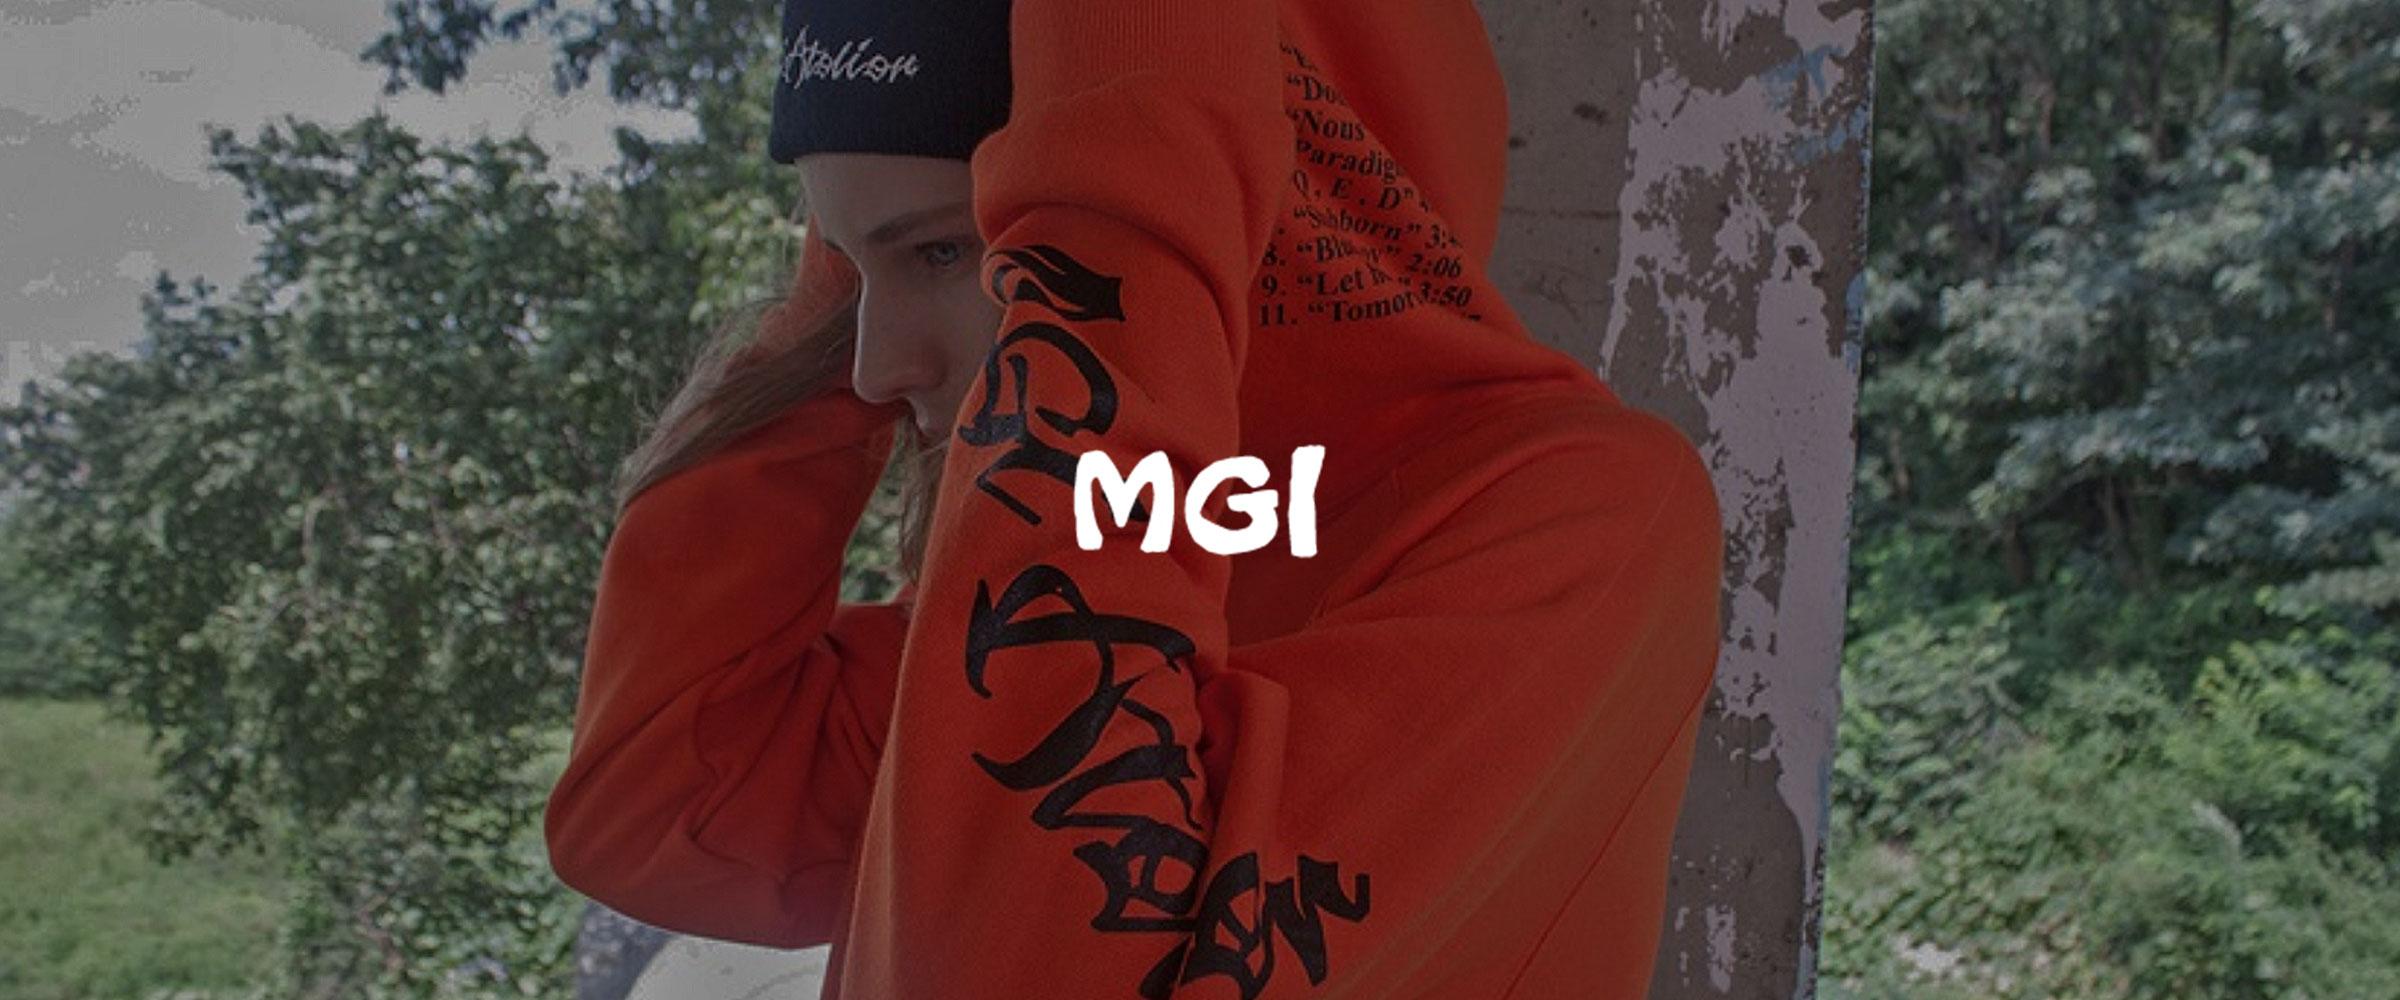 mgi.jpg